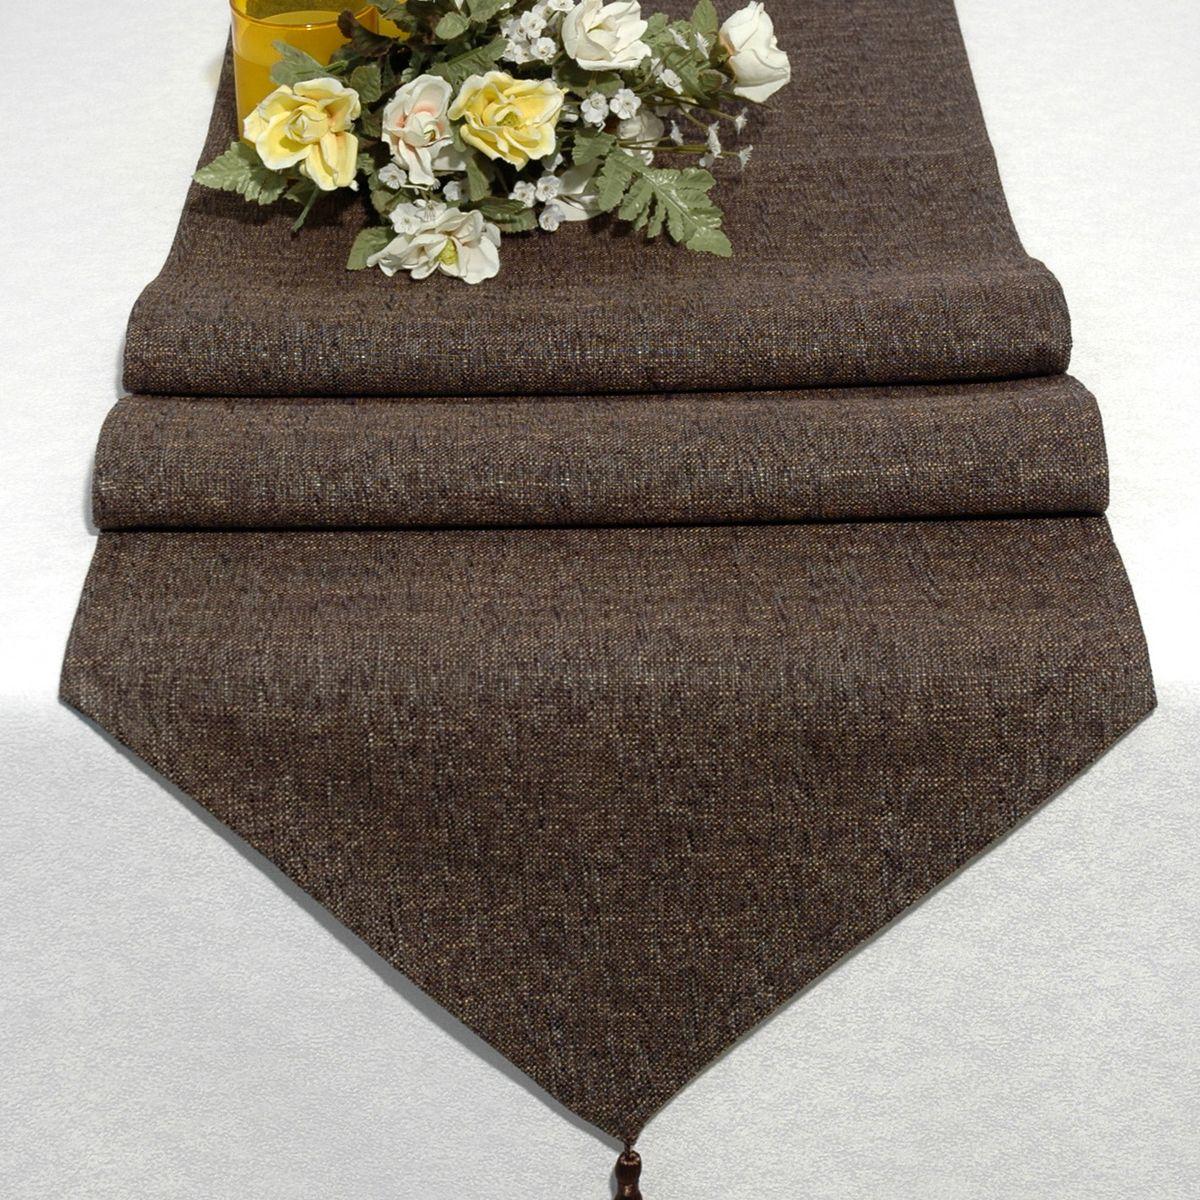 Дорожка для декорирования стола Schaefer, 40 x 160 см, цвет: коричневый. 06749-25480653Дорожка для декорирования стола Schaefer может быть использована, как основной элемент, так и дополнение для создания уюта и романтического настроения.Дорожка выполнена из полиэстера. Изделие легко стирать: оно не мнется, не садится и быстро сохнет, более долговечно, чем изделие из натуральных волокон.Материал: полиэстер, акрил Размер: 40 x 160 см.